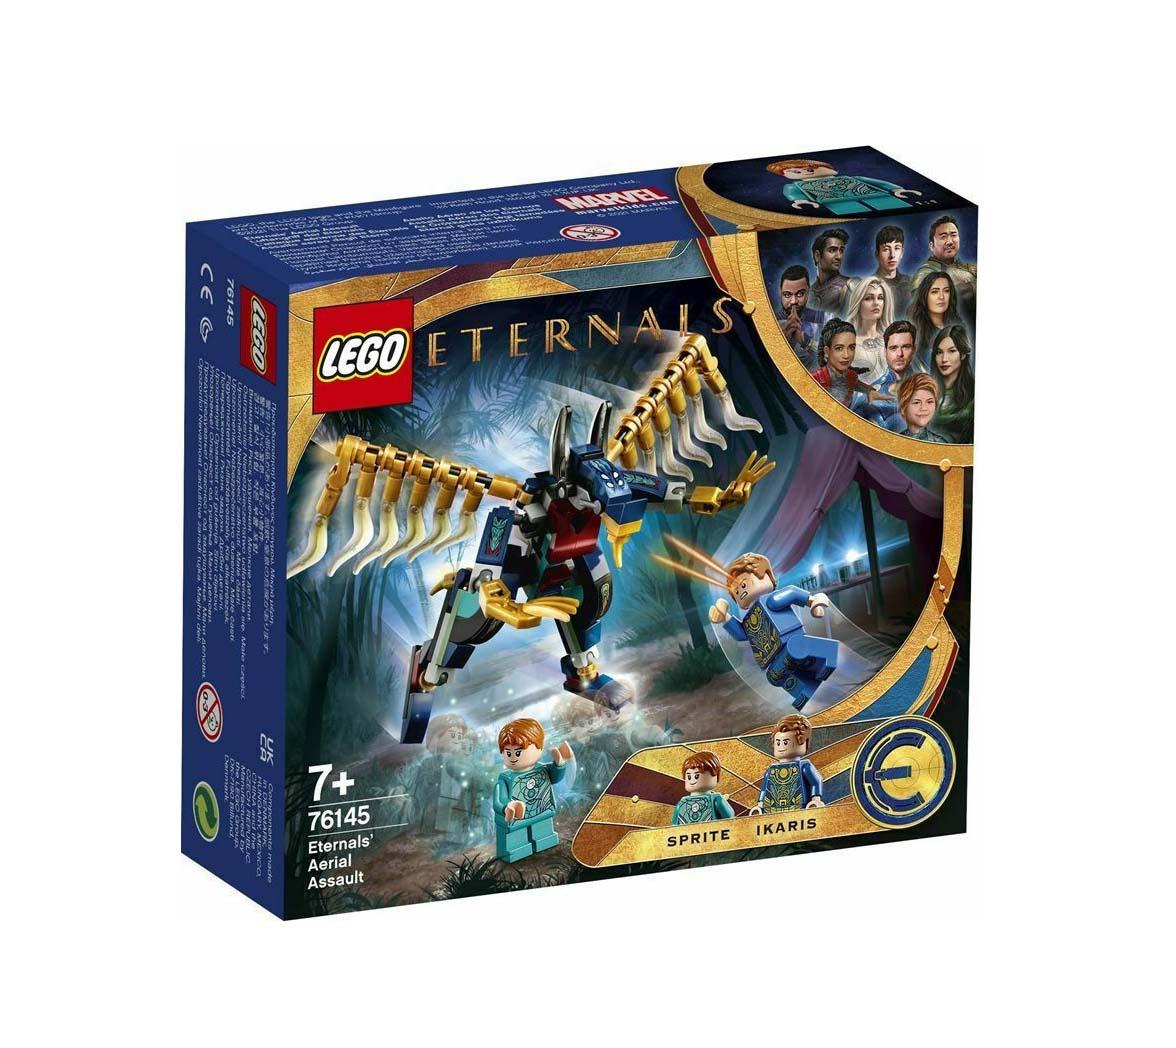 Lego : Eternals' Aerial Assault 76145